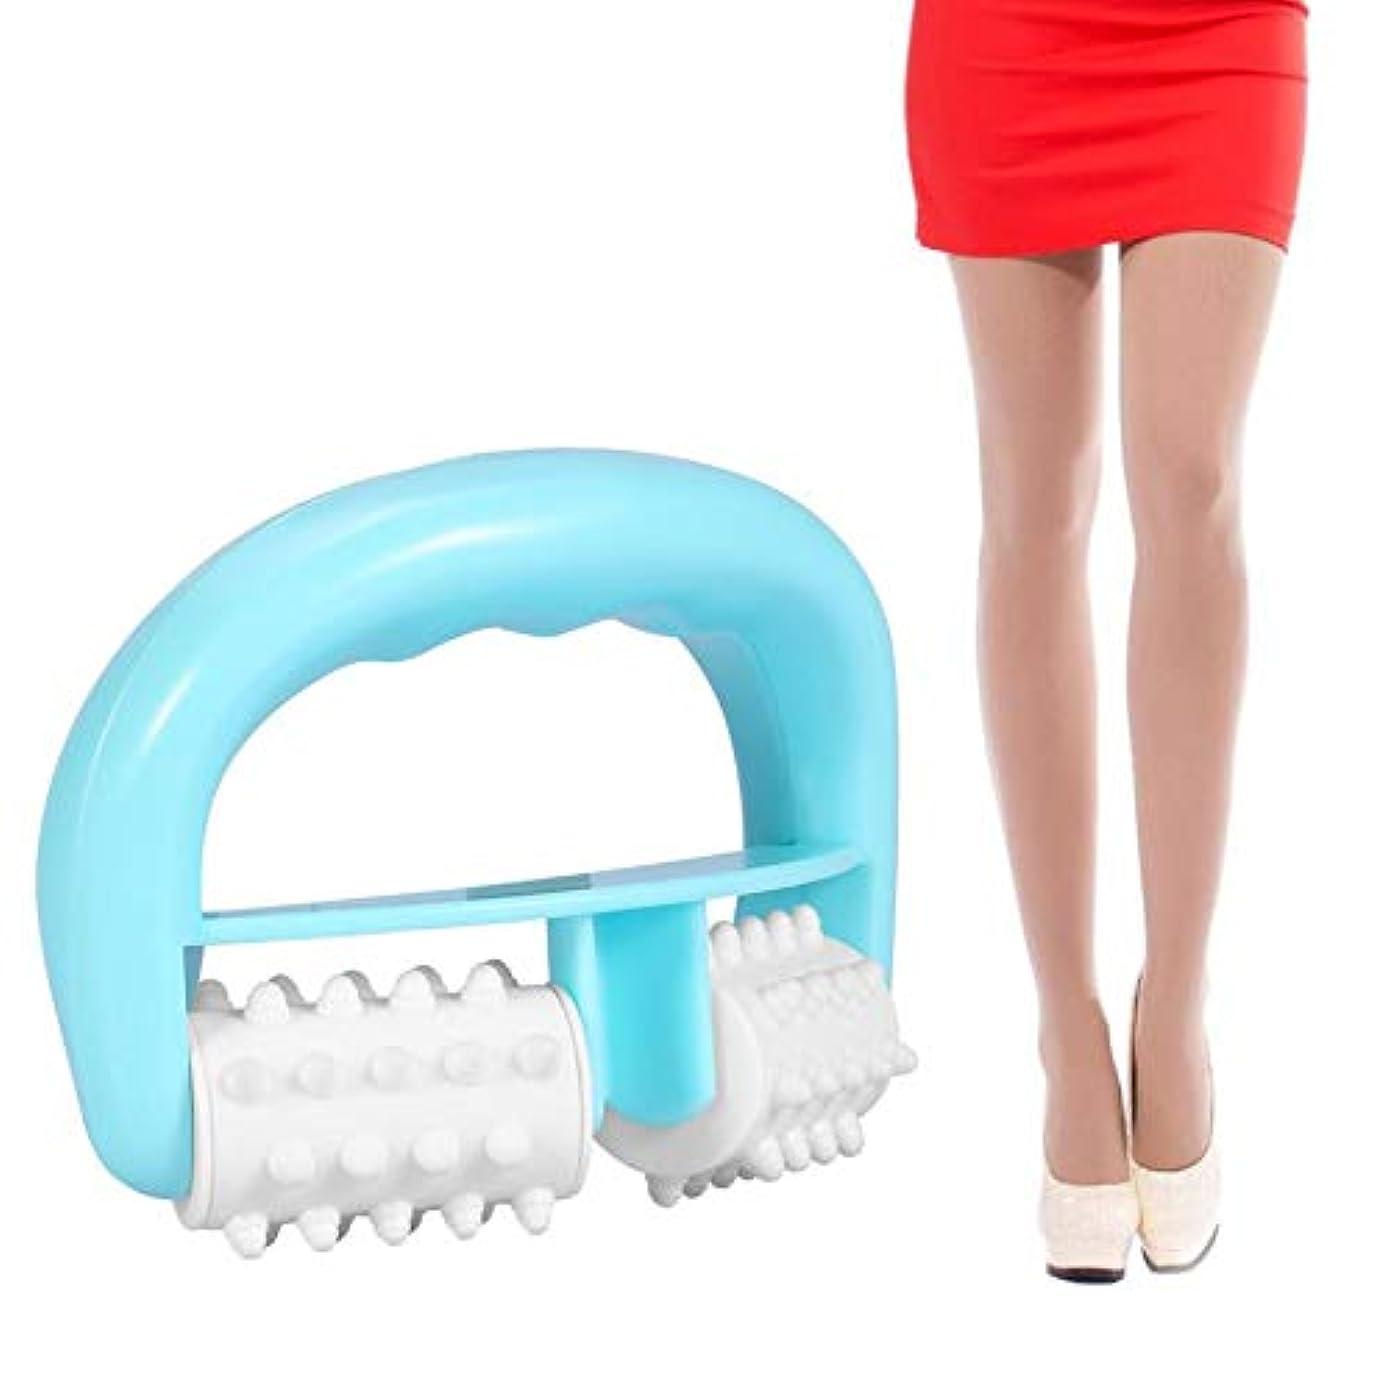 アレンジ基準劣るHandle Cell Roller Massager Mini Wheel Ball Slimming Body Leg Foot Hand Neck Fat Cellulite Control Pain Relief...